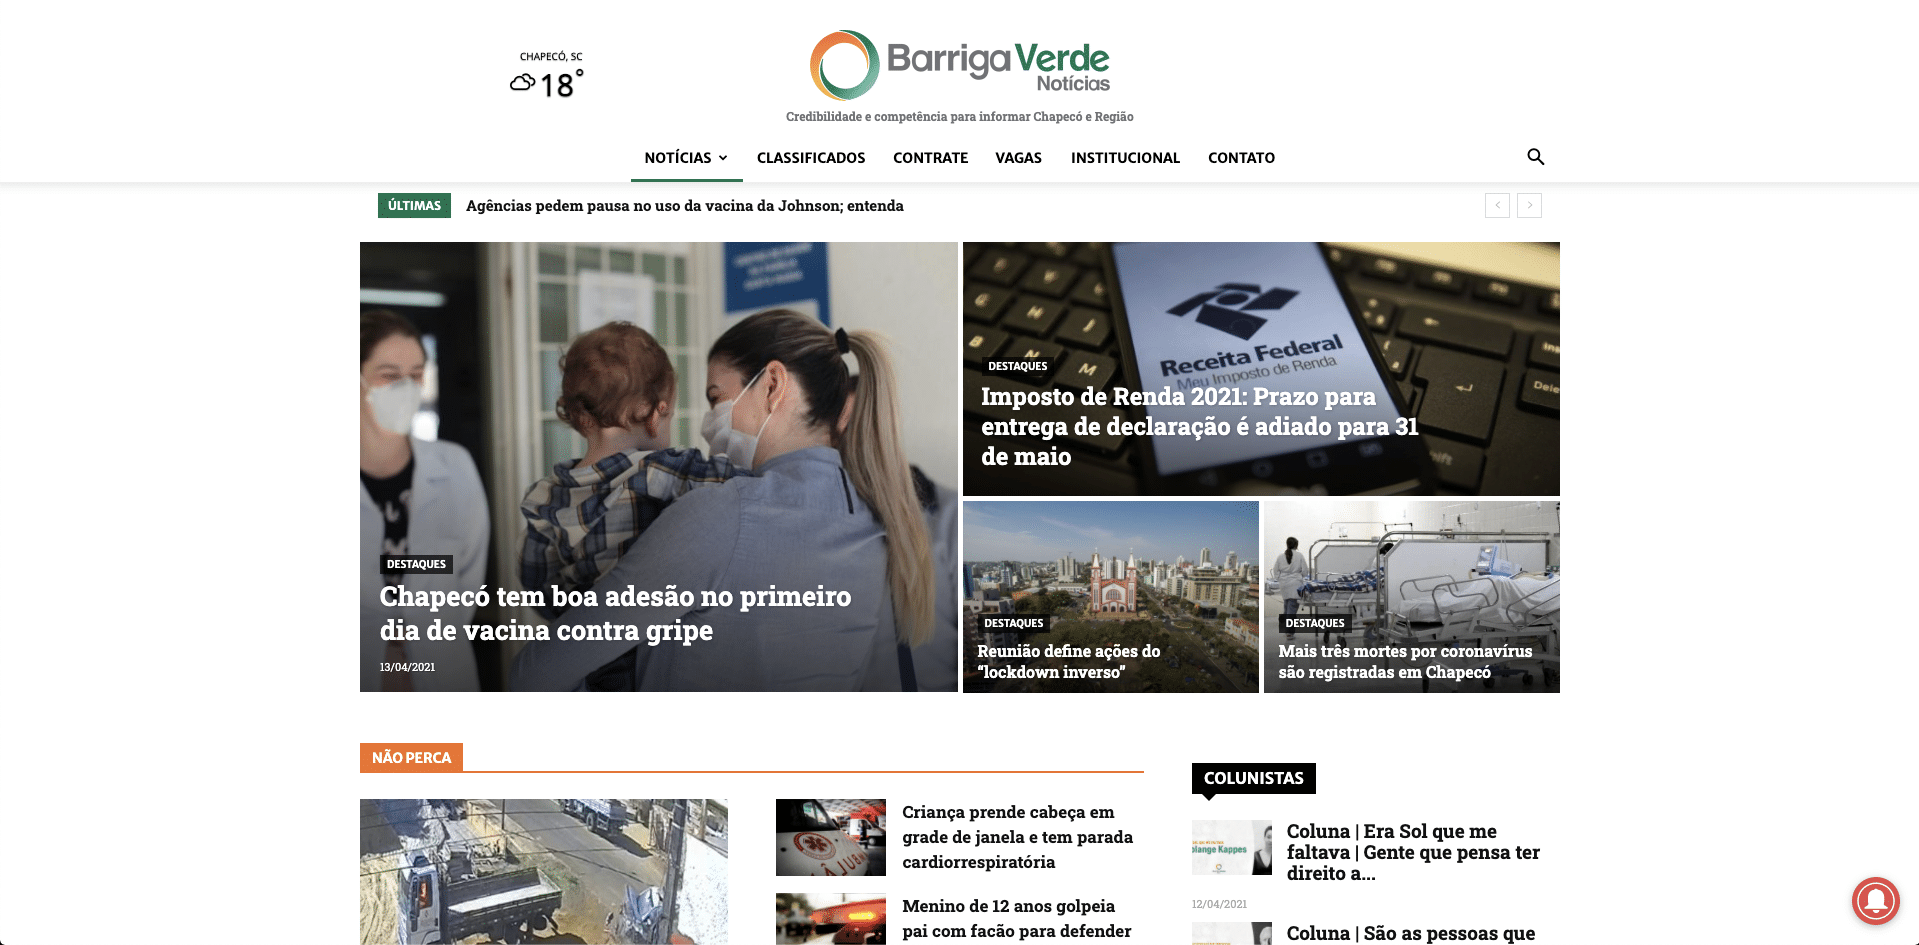 Barriga Verde Notícias